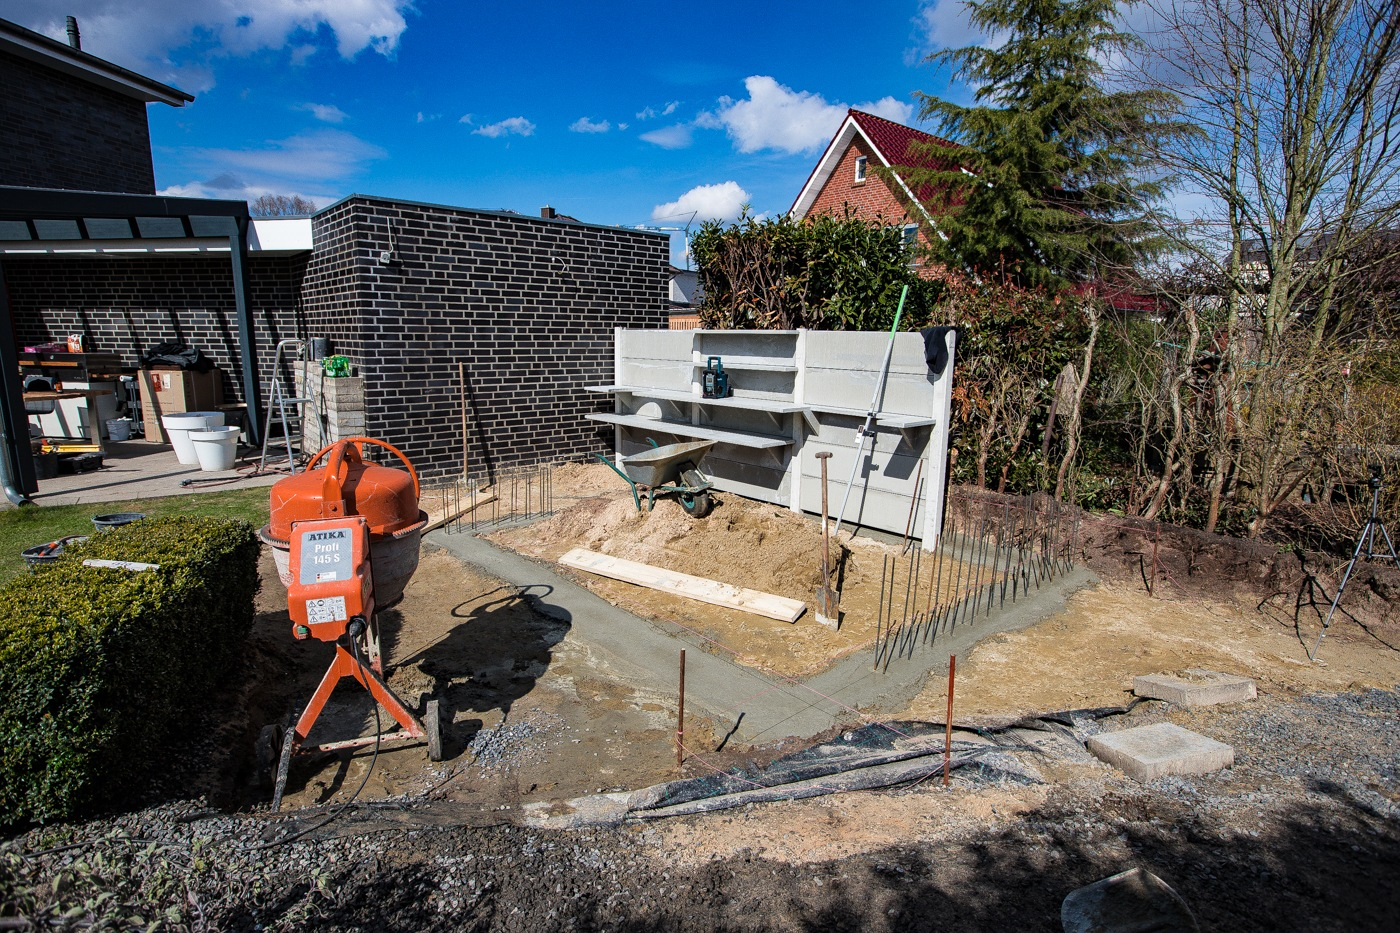 Outdoor Küche Fundament : Bodenarbeiten fundamente für die outdoorküche grill bbq